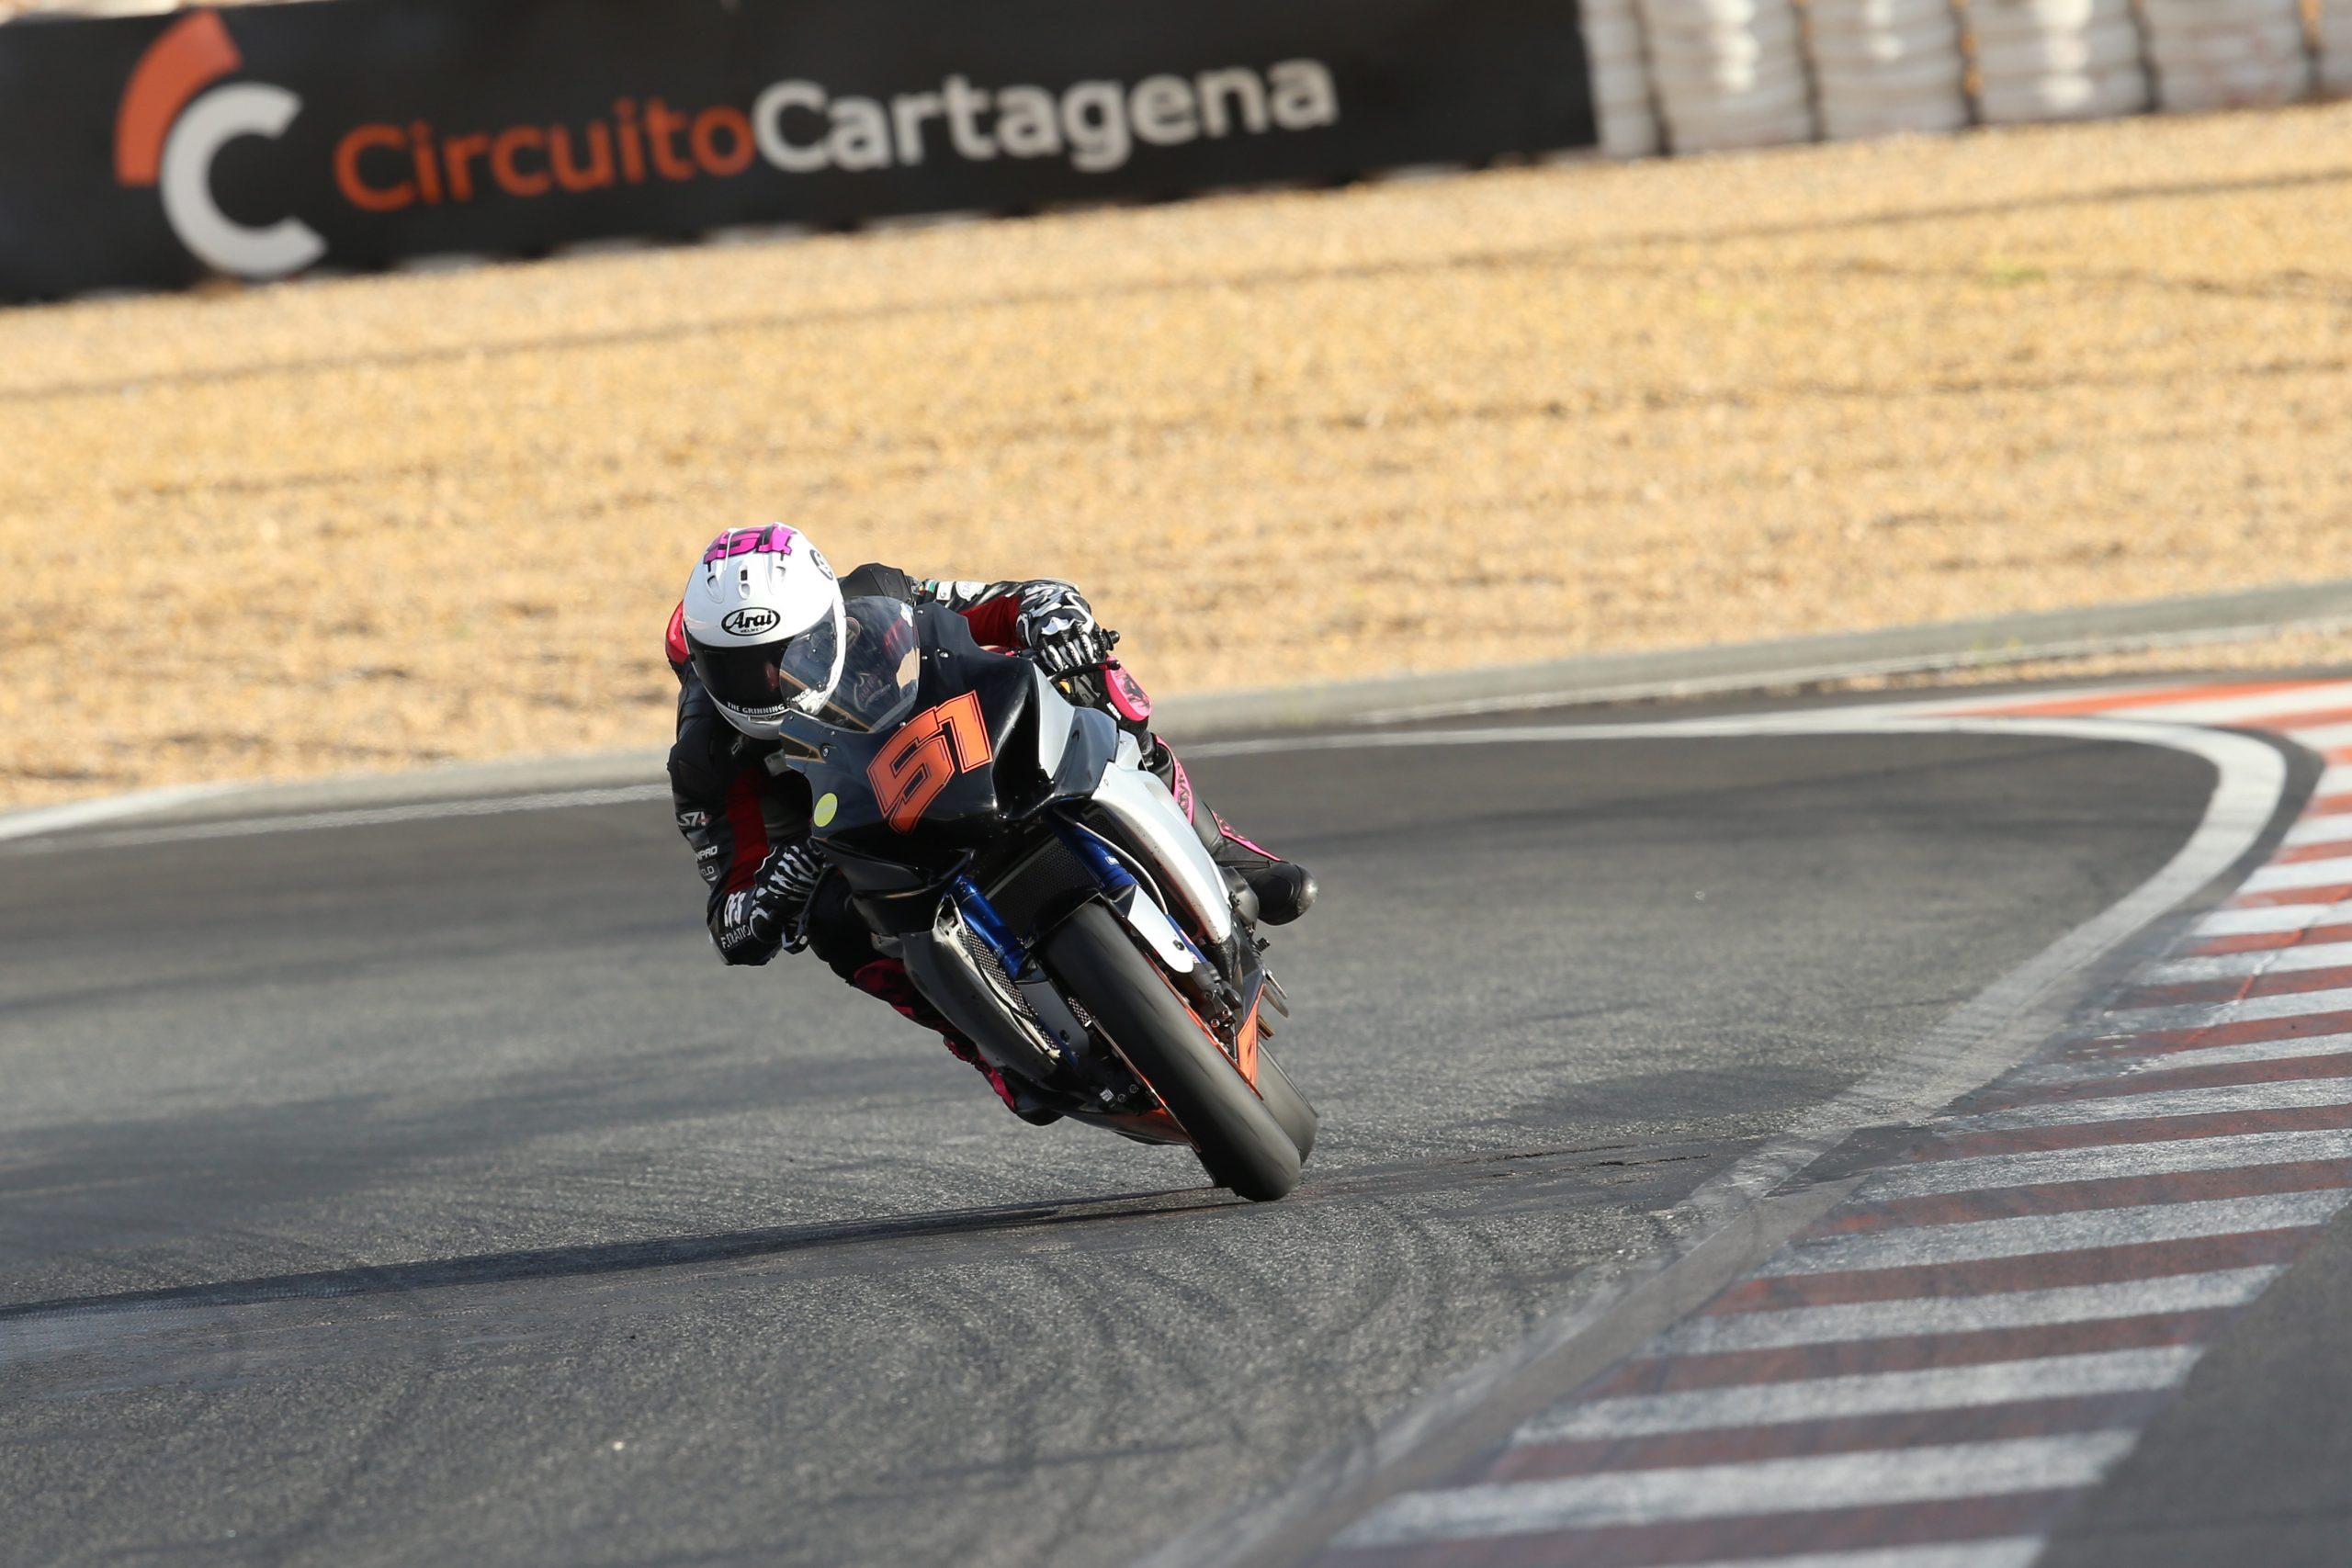 Moto TP Cartagena 2020 Brayden Elliott 098